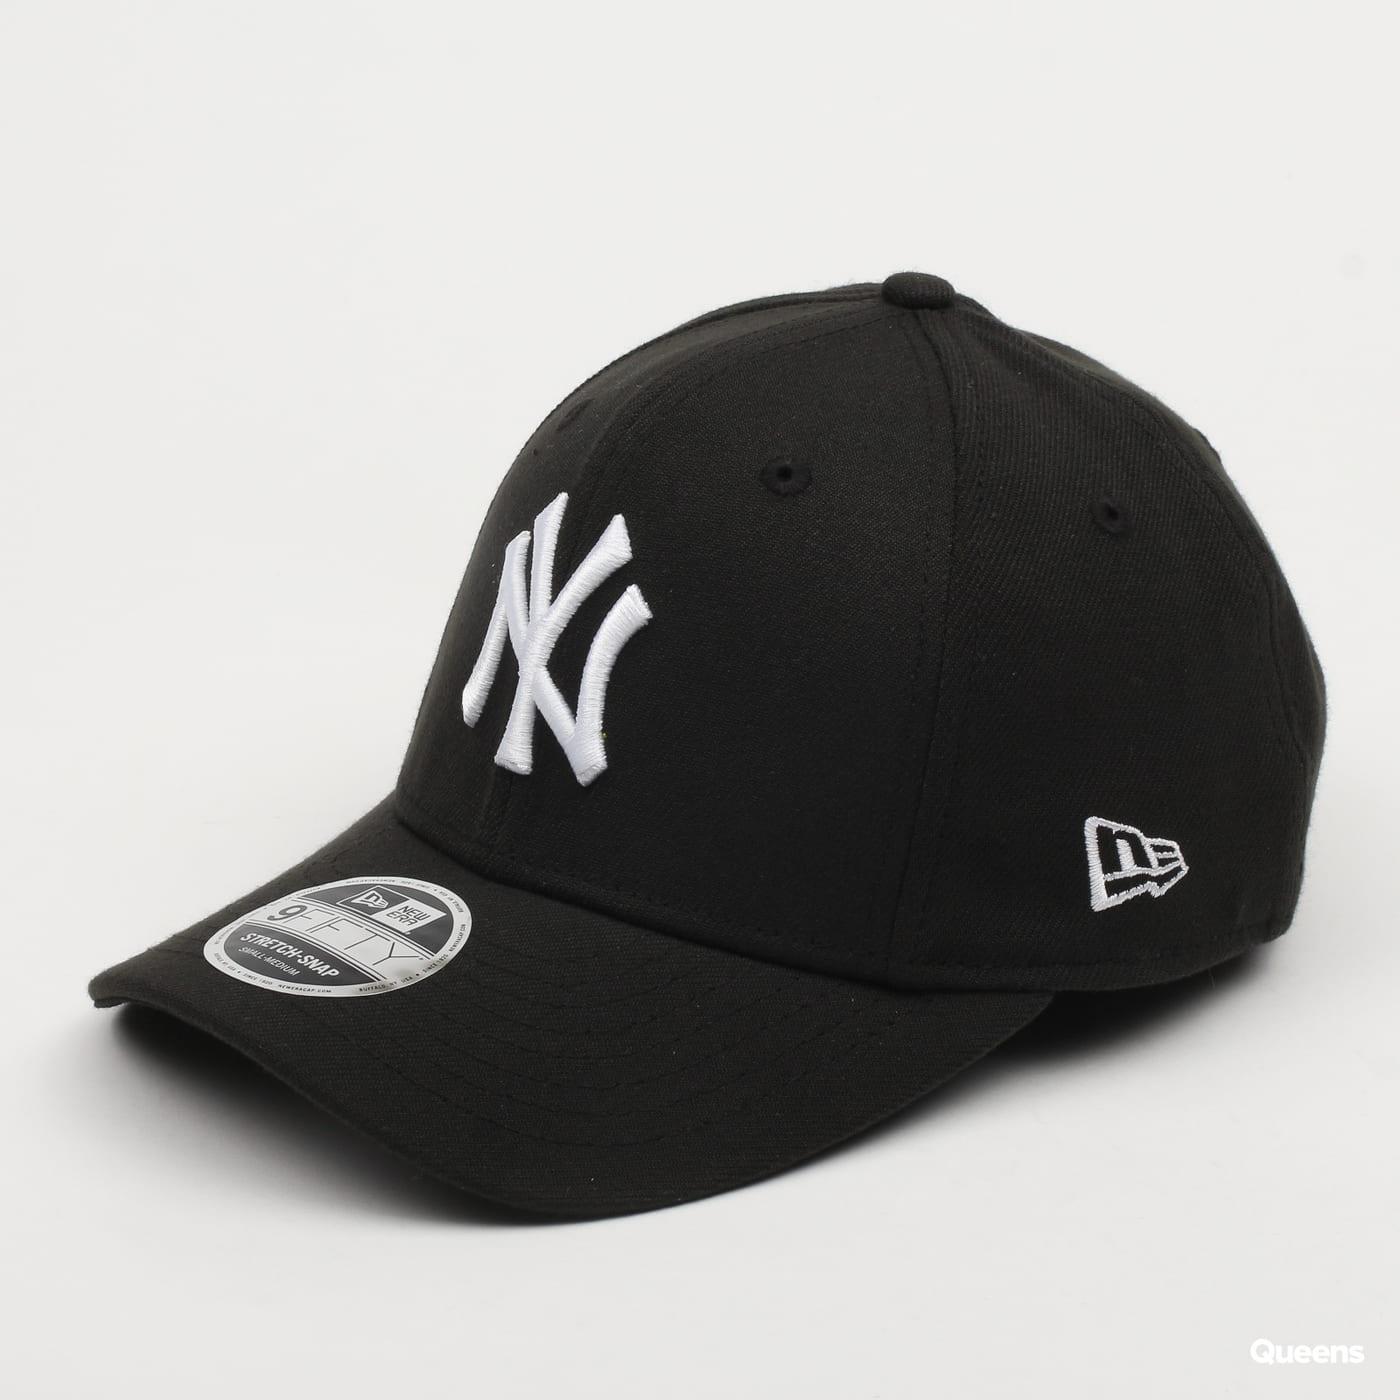 New Era 950 MLB Stretch Snap NY C/O čierna